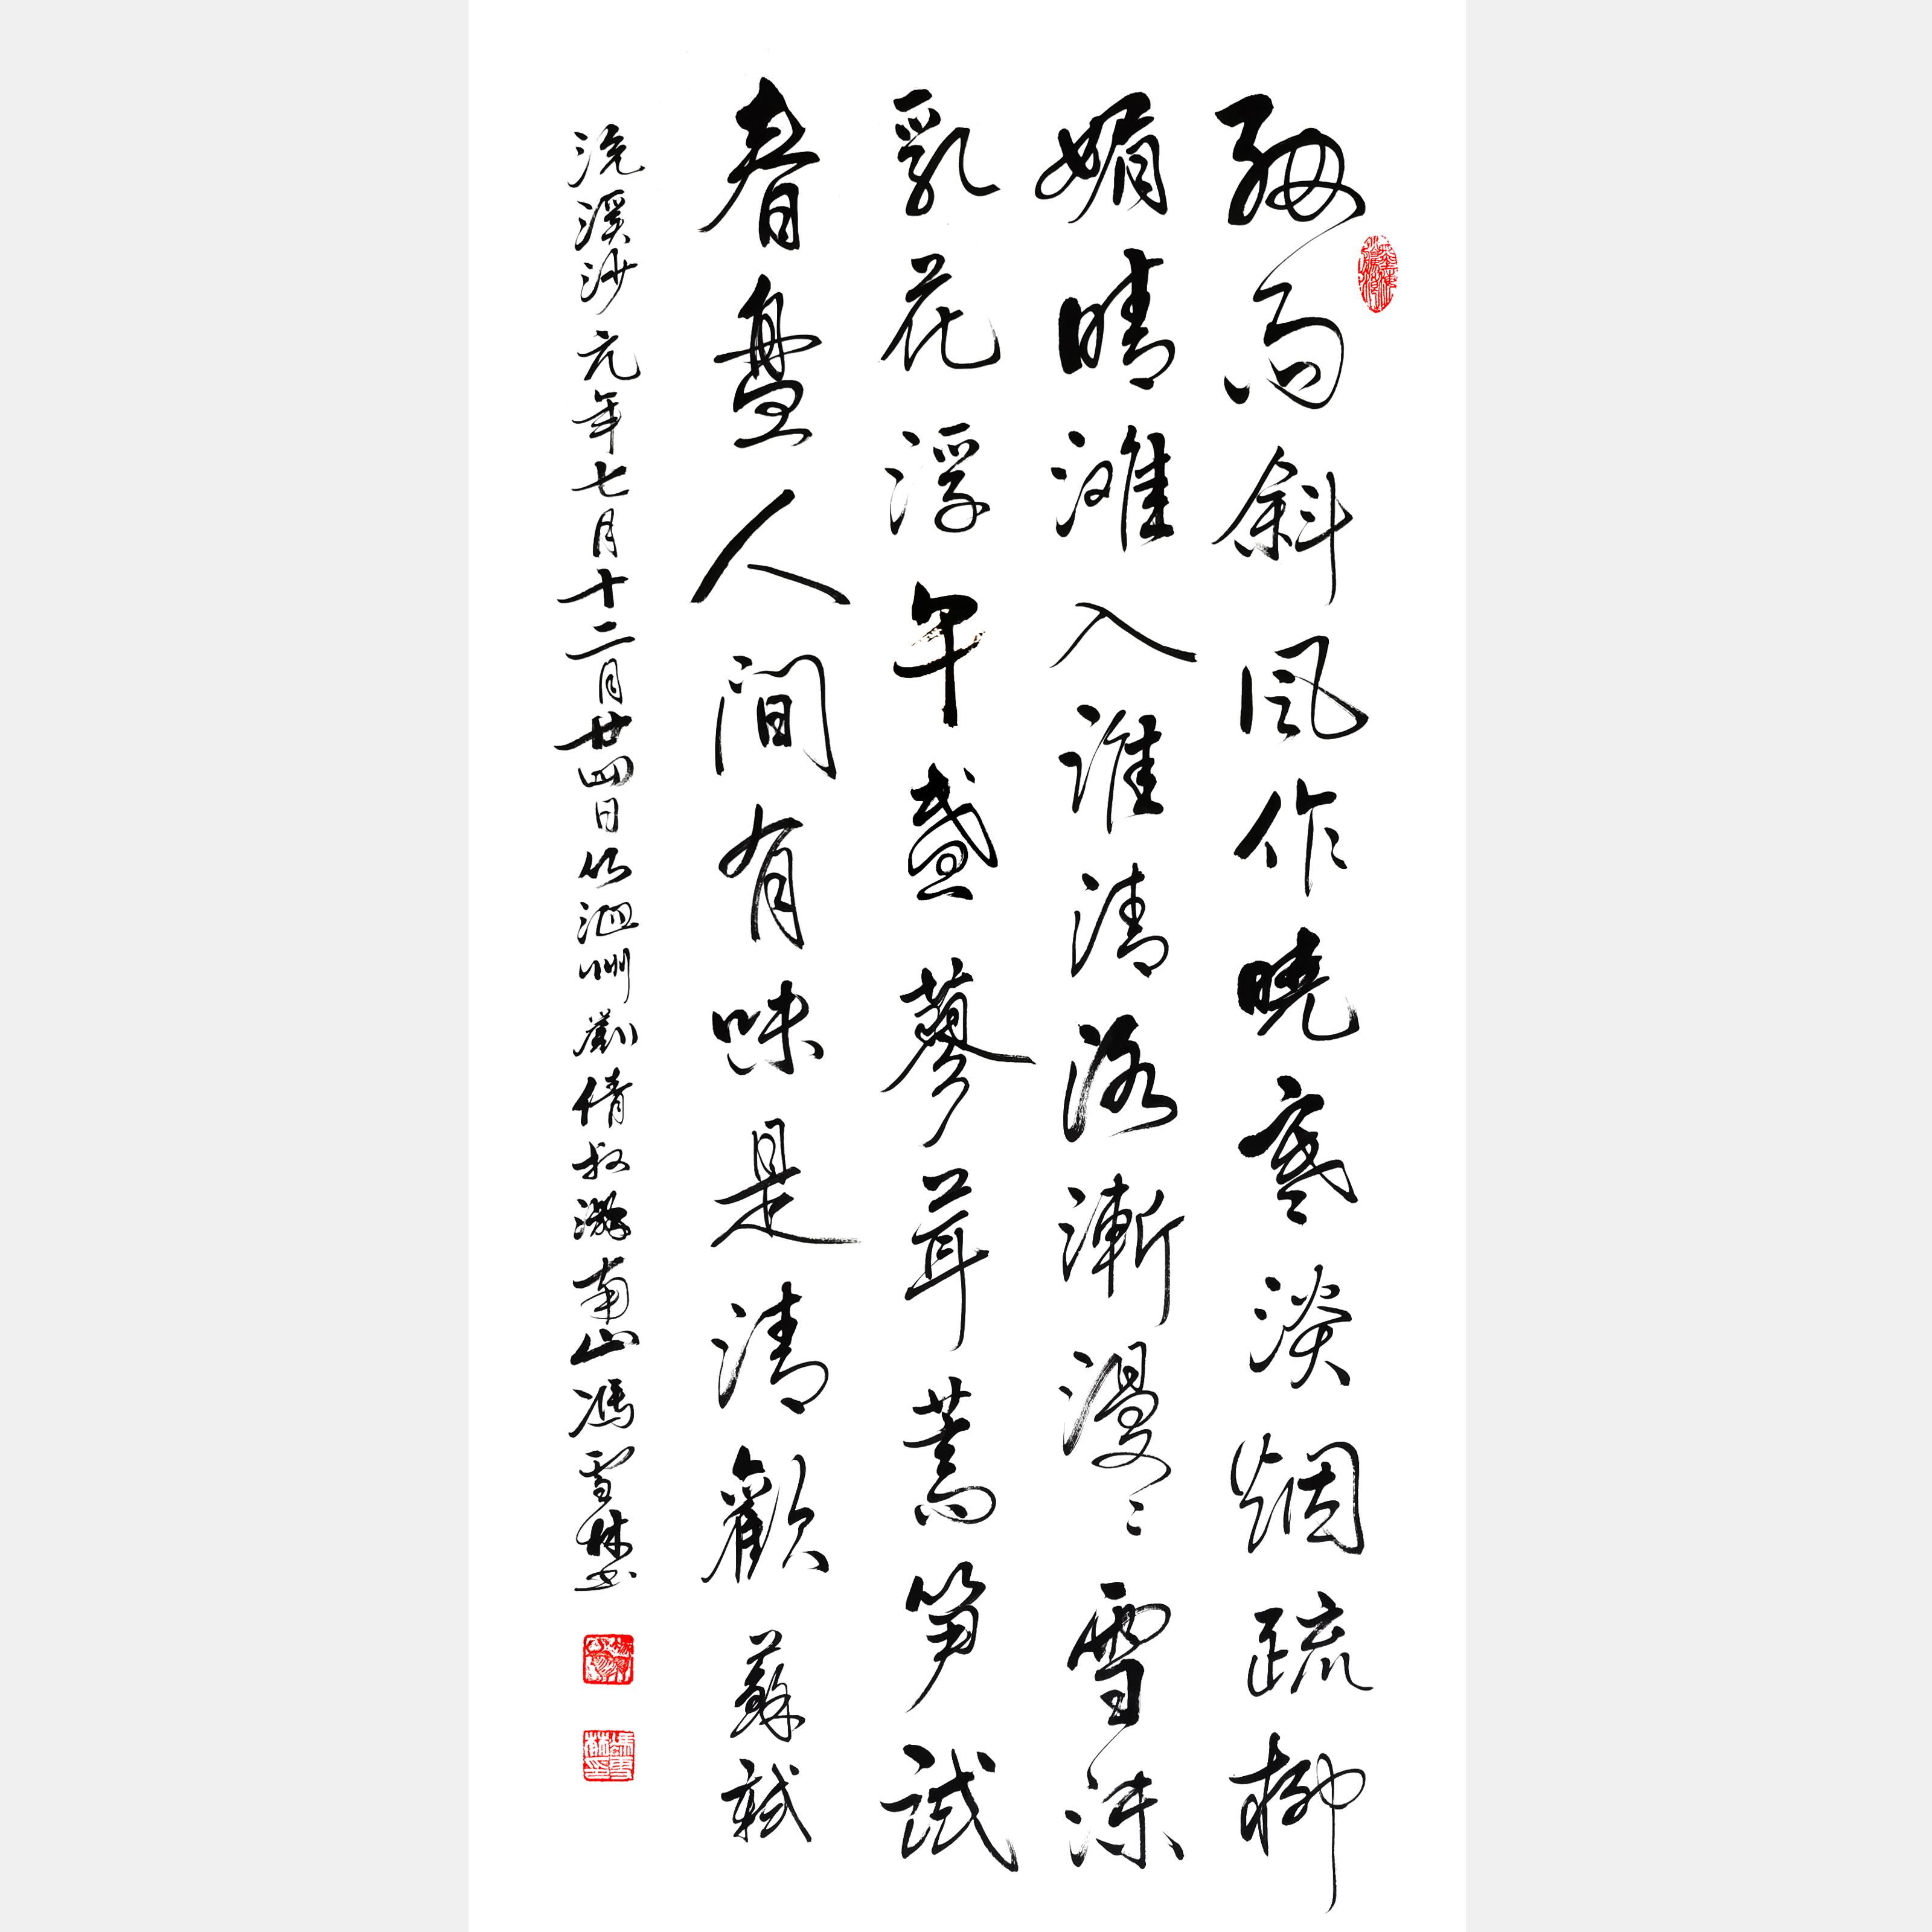 苏轼浣溪沙·细雨斜风作晓寒书法作品欣赏 热爱生活、审美情趣